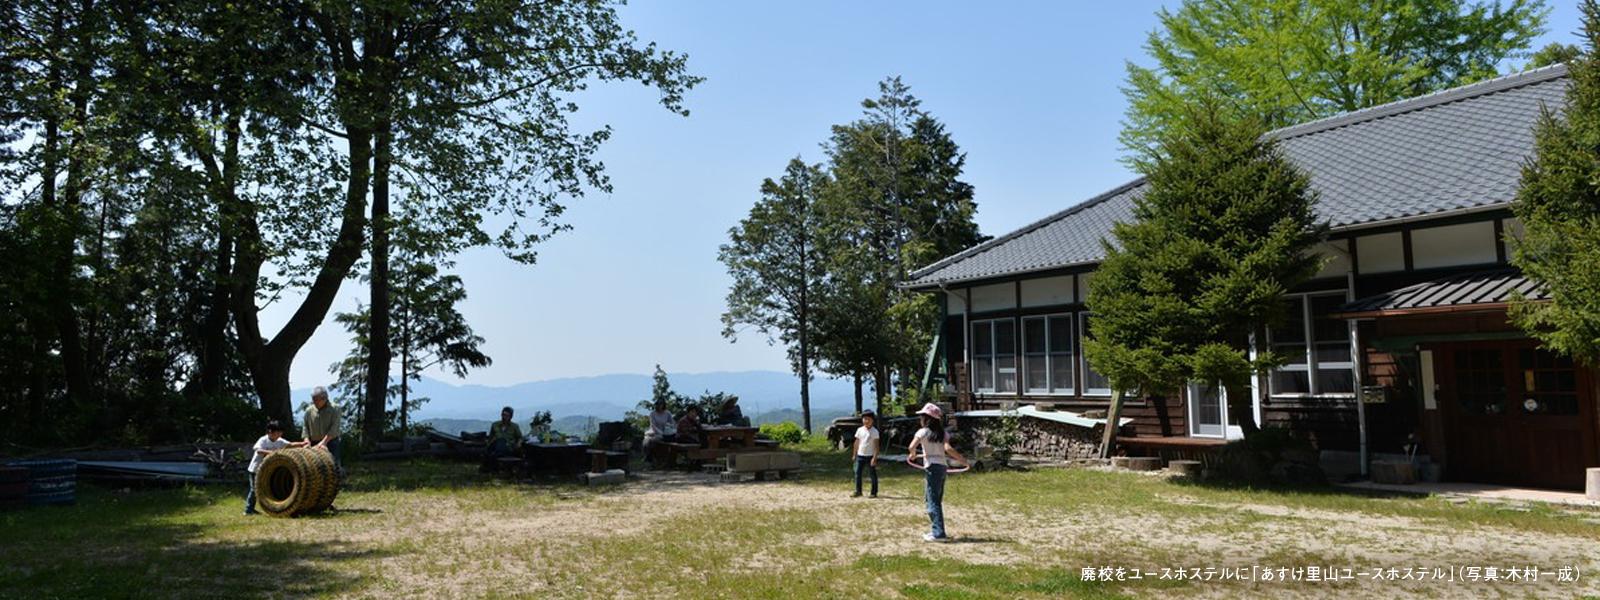 廃校をユースホステルに「あすけ里山ユースホステル」(写真:木村一成)